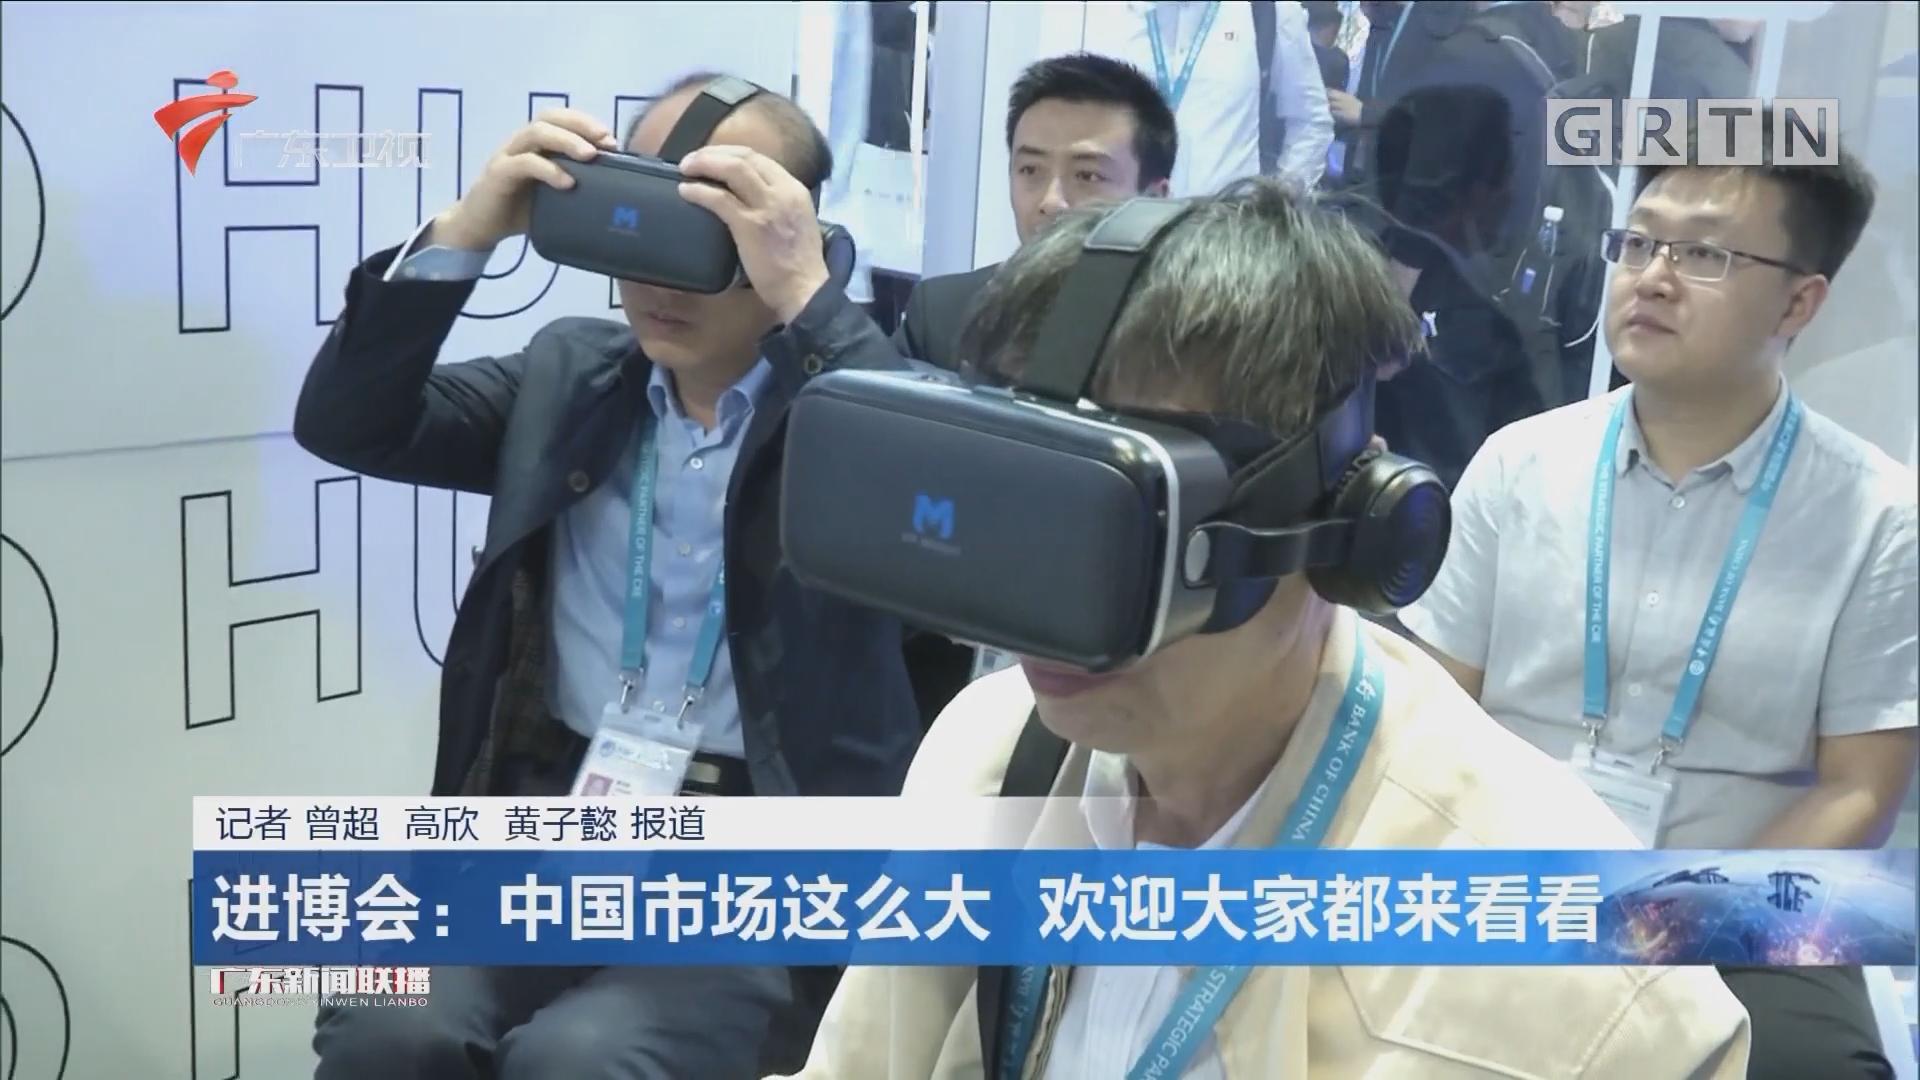 进博会:中国市场这么大 欢迎大家都来看看